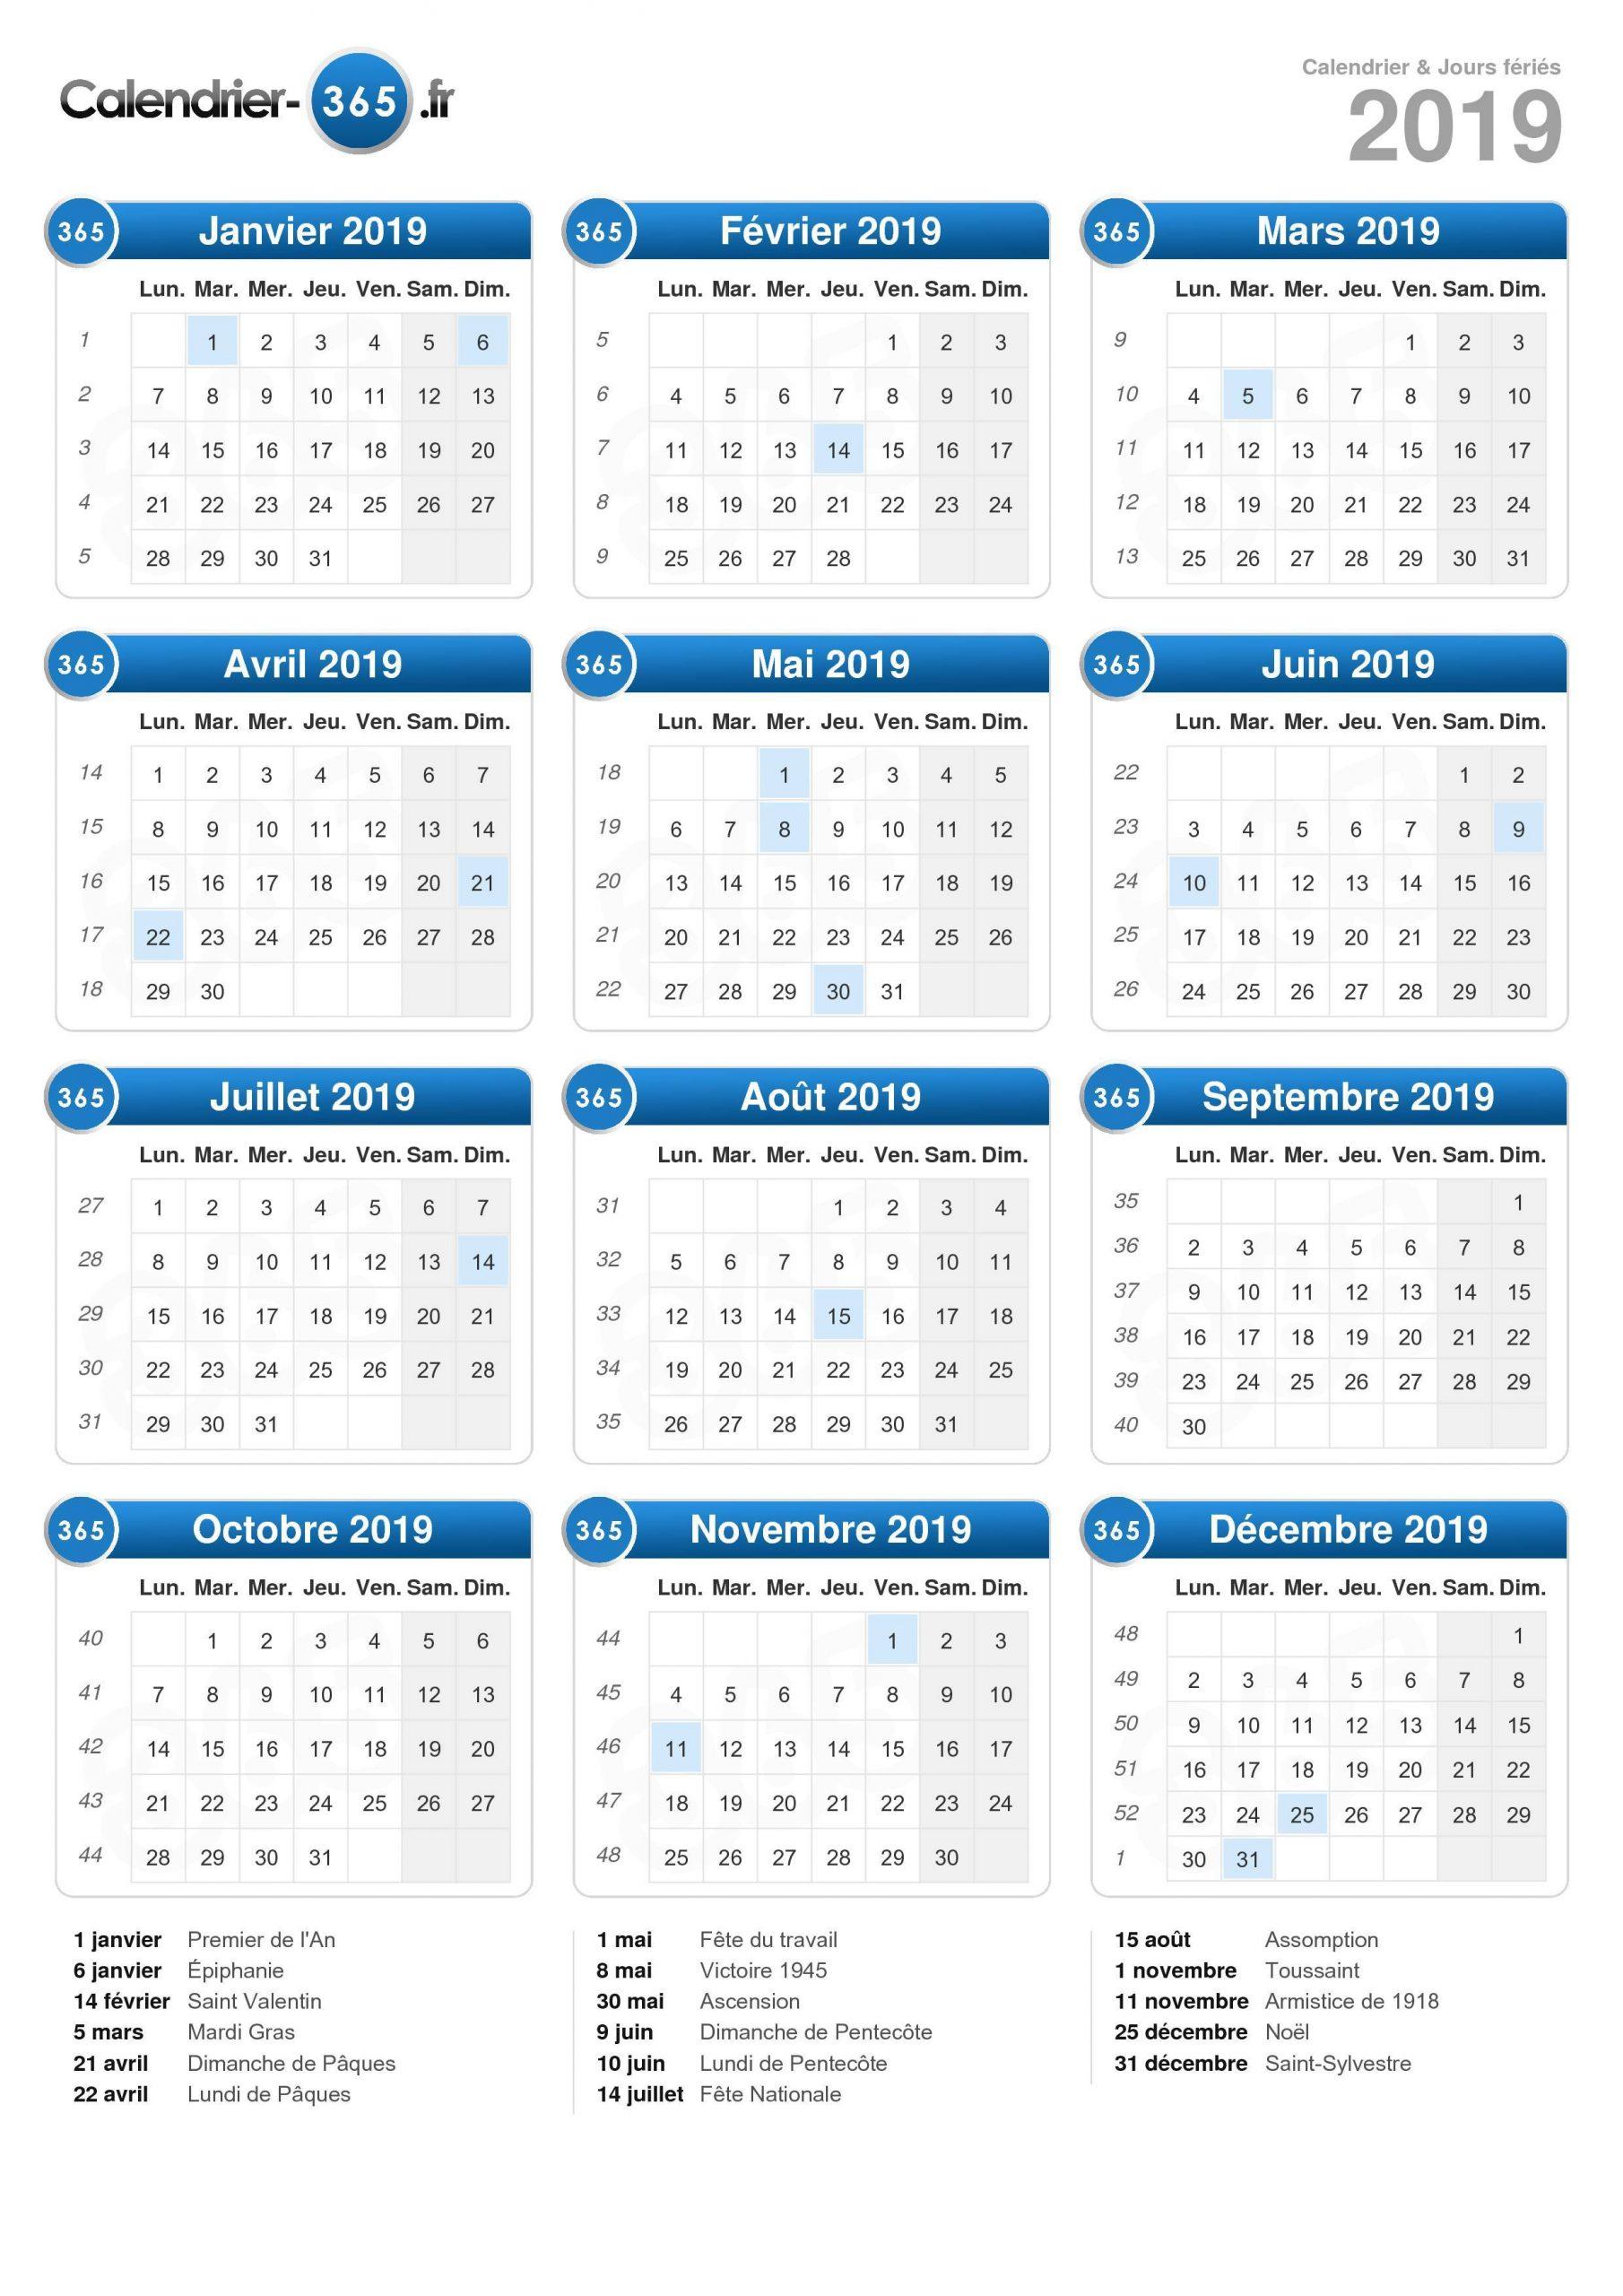 Calendrier 2019 pour Calendrier 2019 Avec Jours Fériés Vacances Scolaires